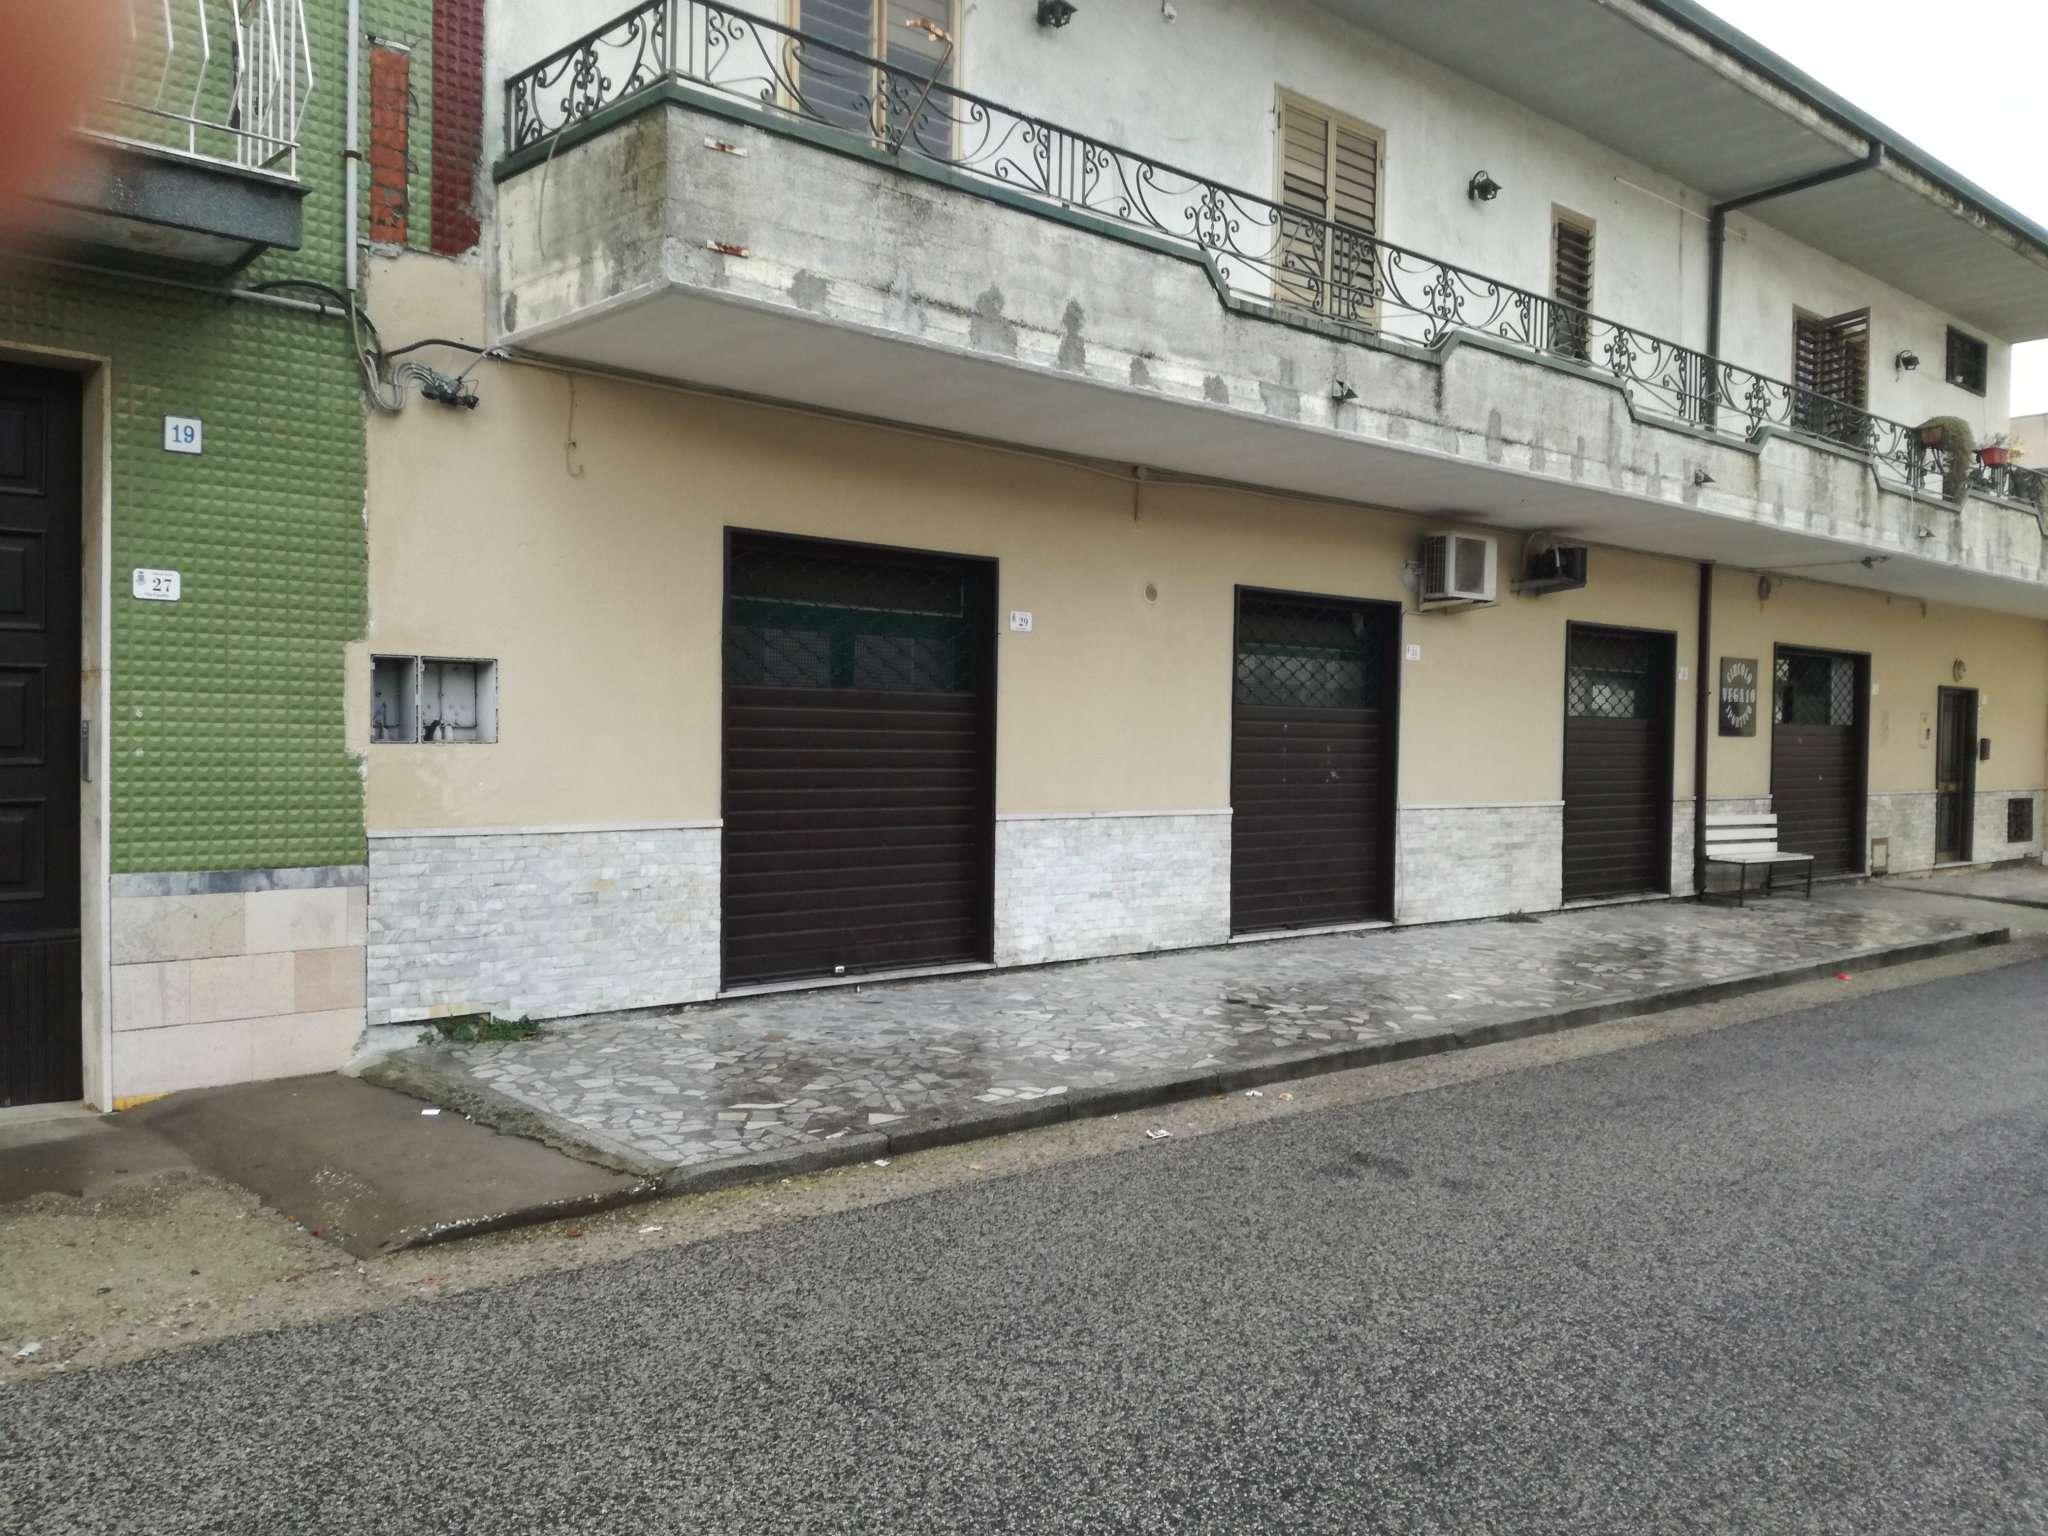 Negozio / Locale in affitto a Airola, 1 locali, Trattative riservate   CambioCasa.it